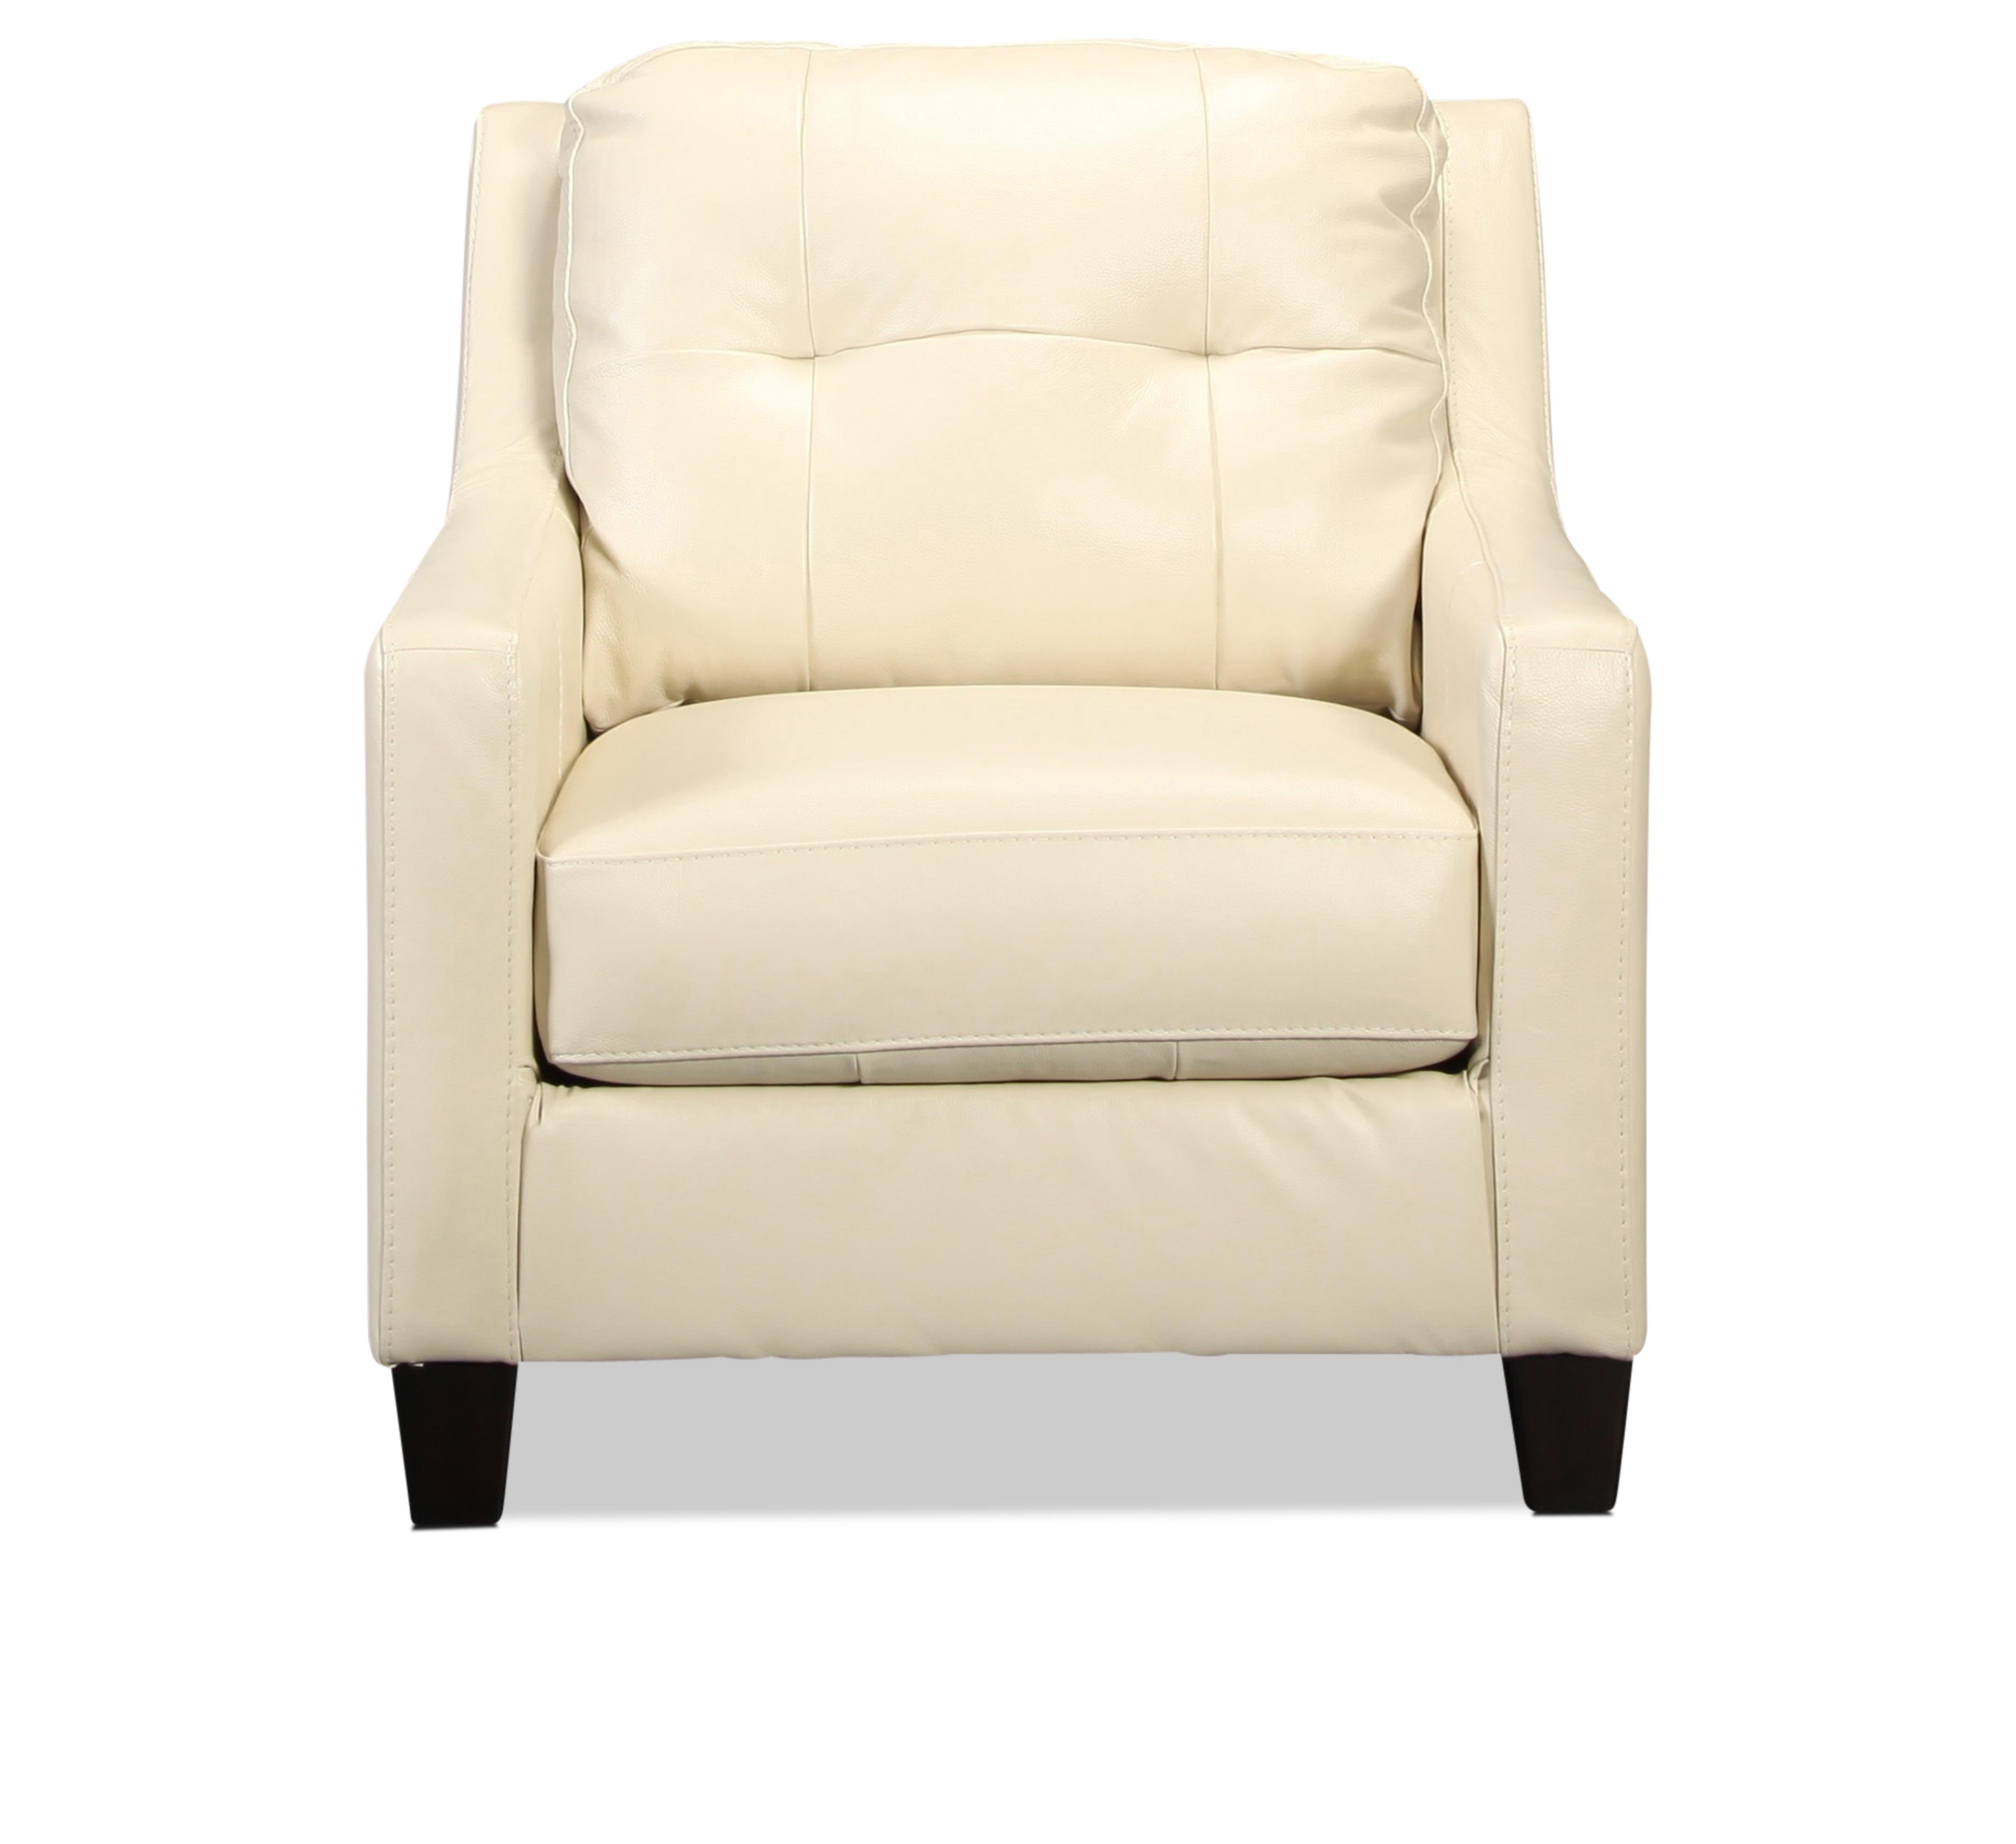 Brookings Chair- Galaxy